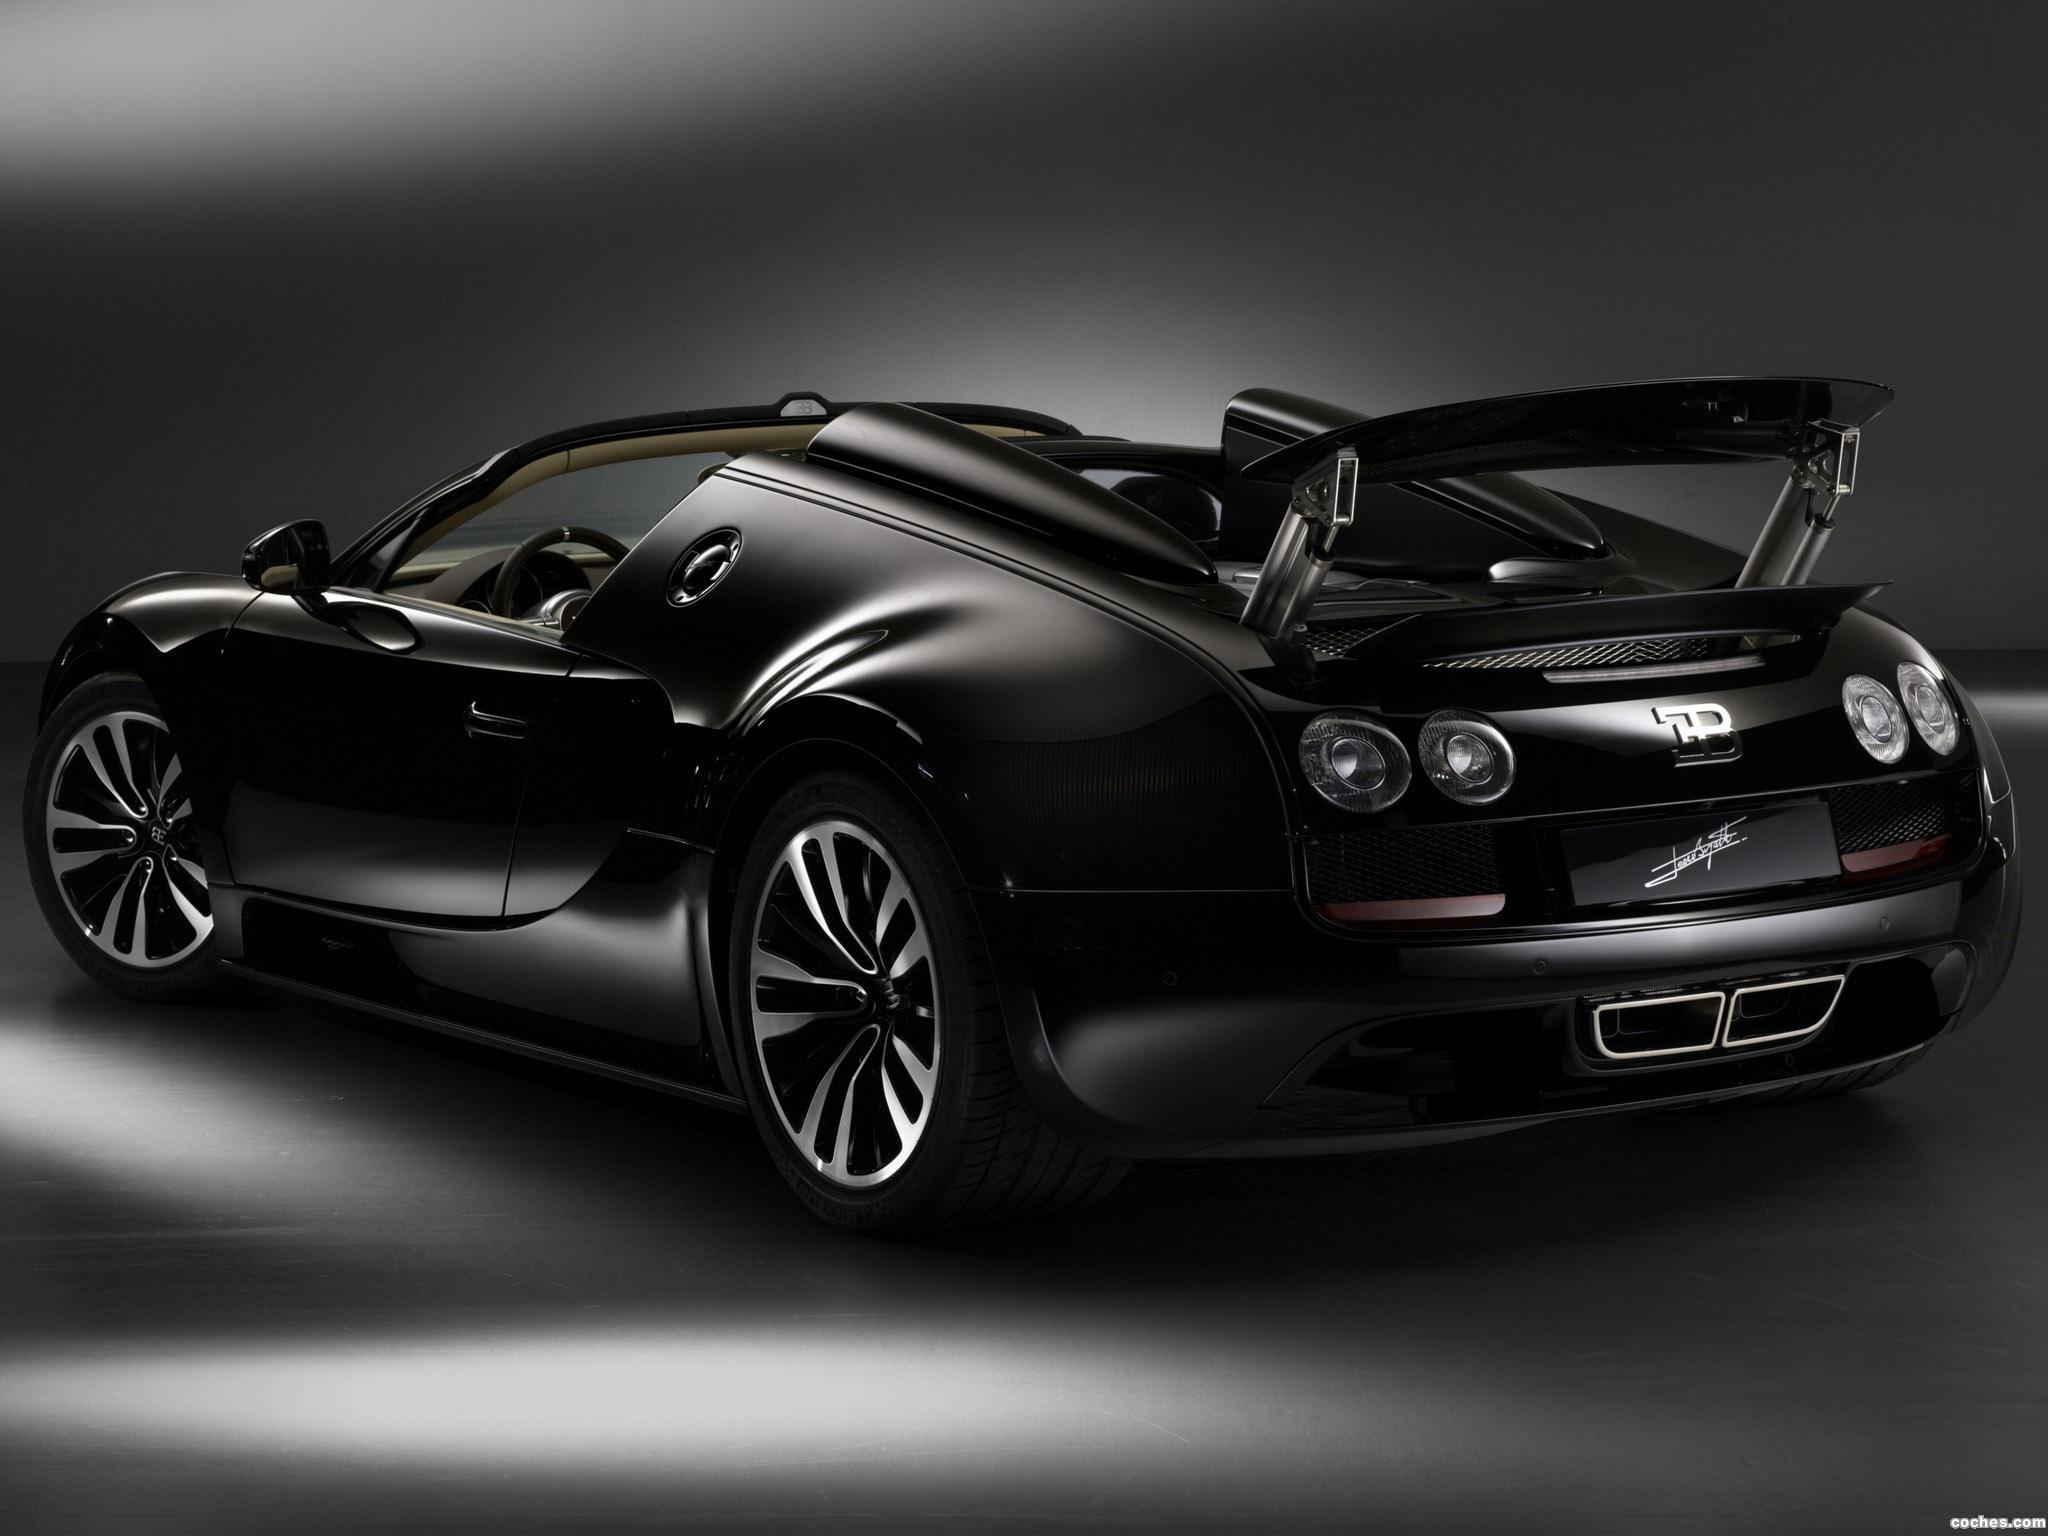 Foto 1 de Bugatti Veyron Grand Sport Roadster Vitesse Jean Bugatti 2013